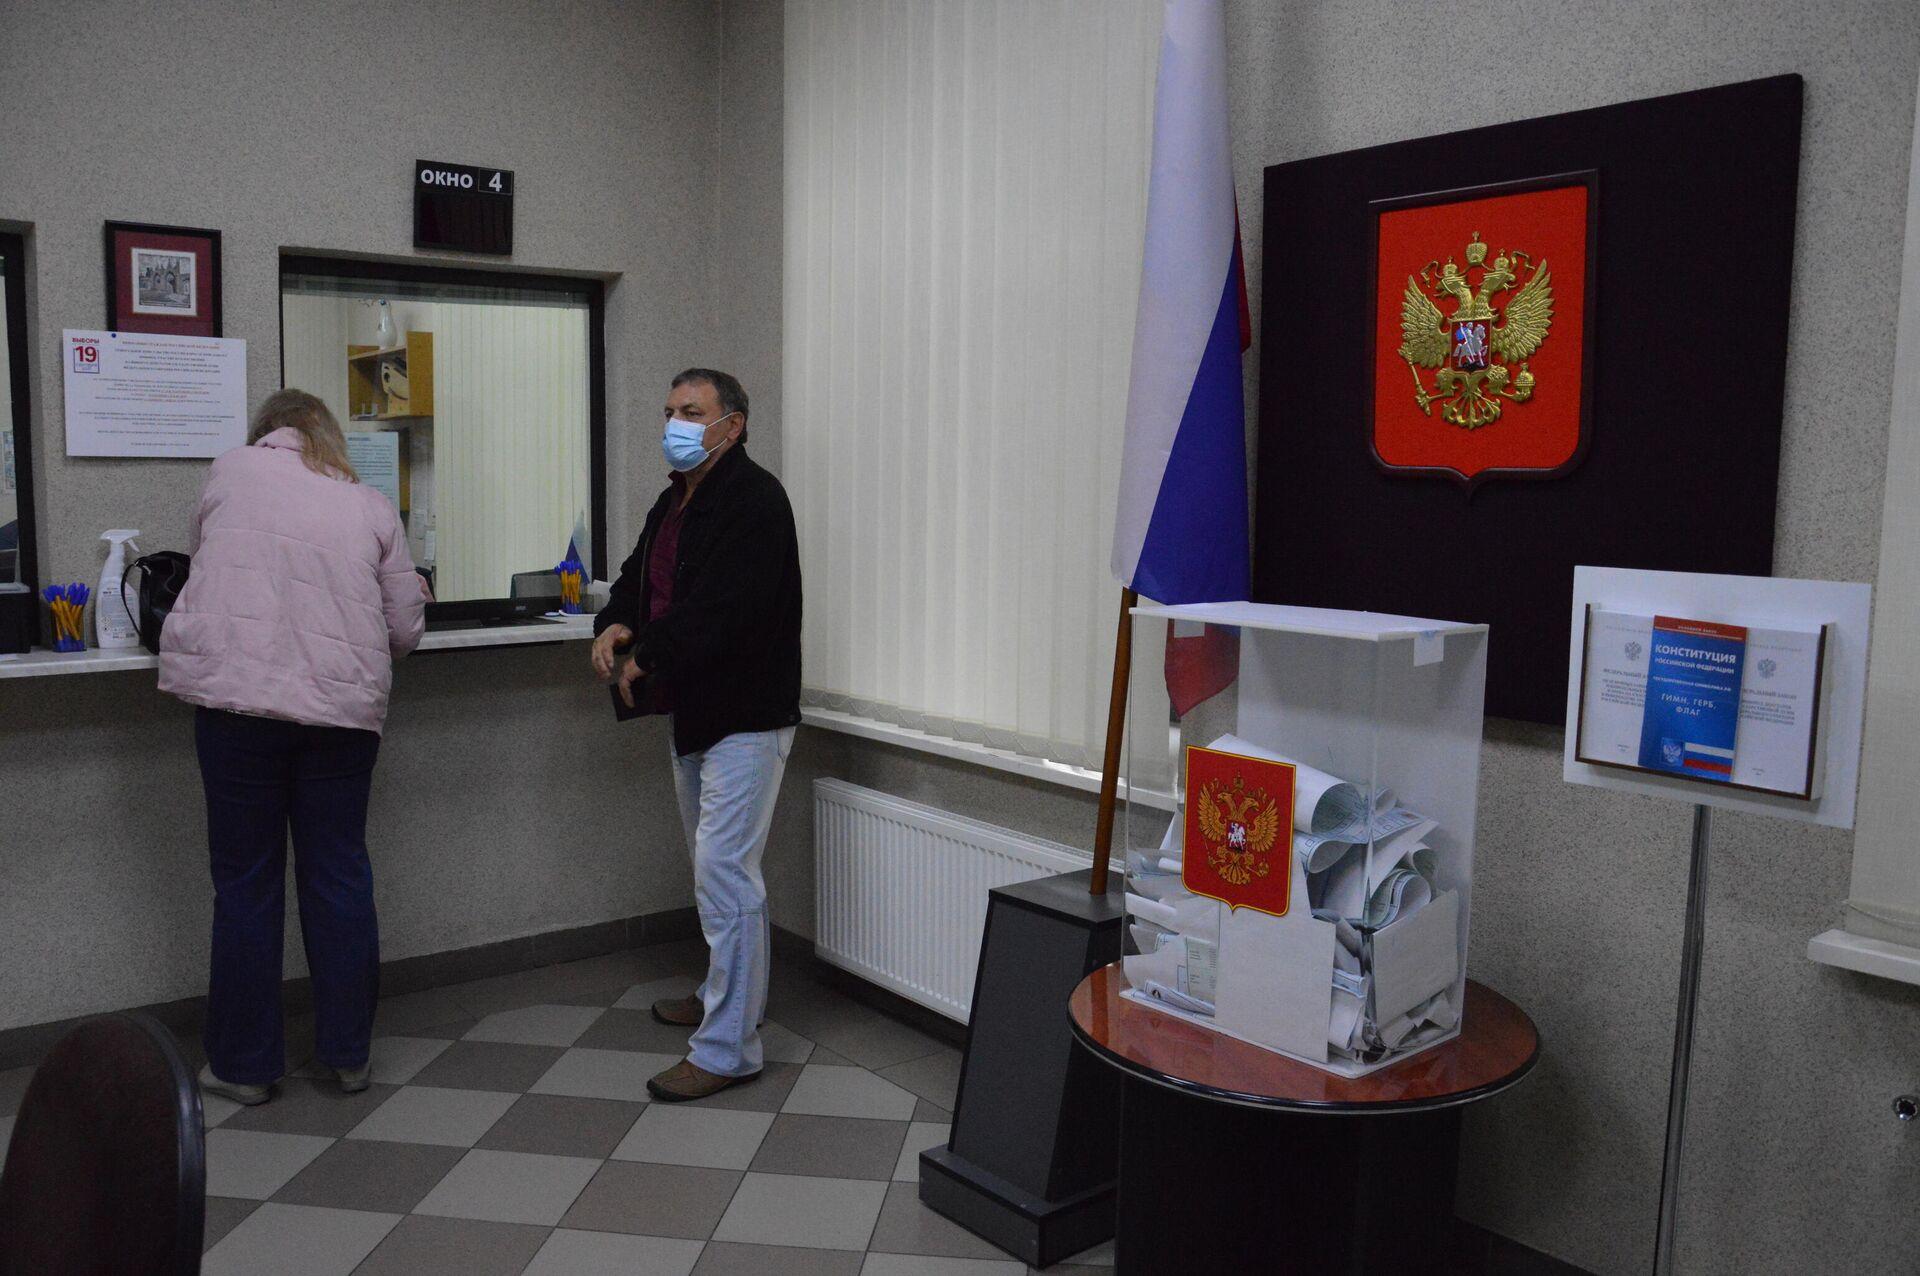 Избиратели - в масках, на участке есть антисептик, а документы принимают через окошки - Sputnik Беларусь, 1920, 19.09.2021